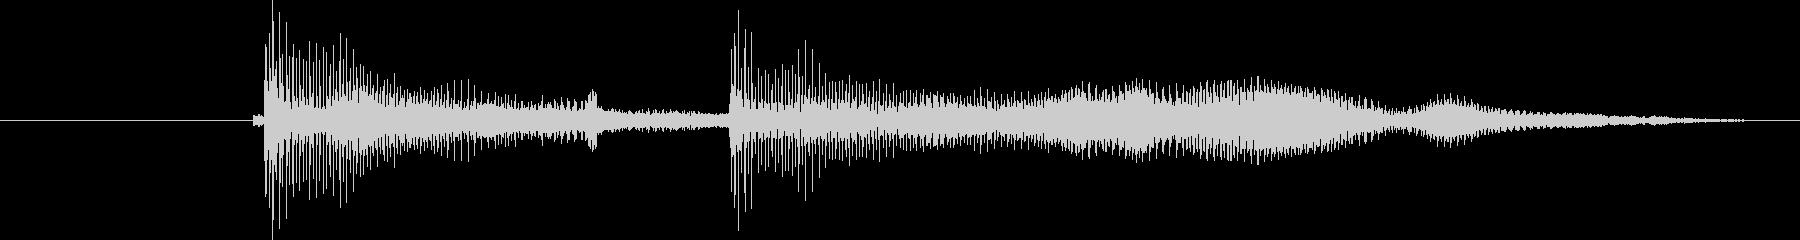 口琴3 びゅいんびゅいん コント お笑いの未再生の波形